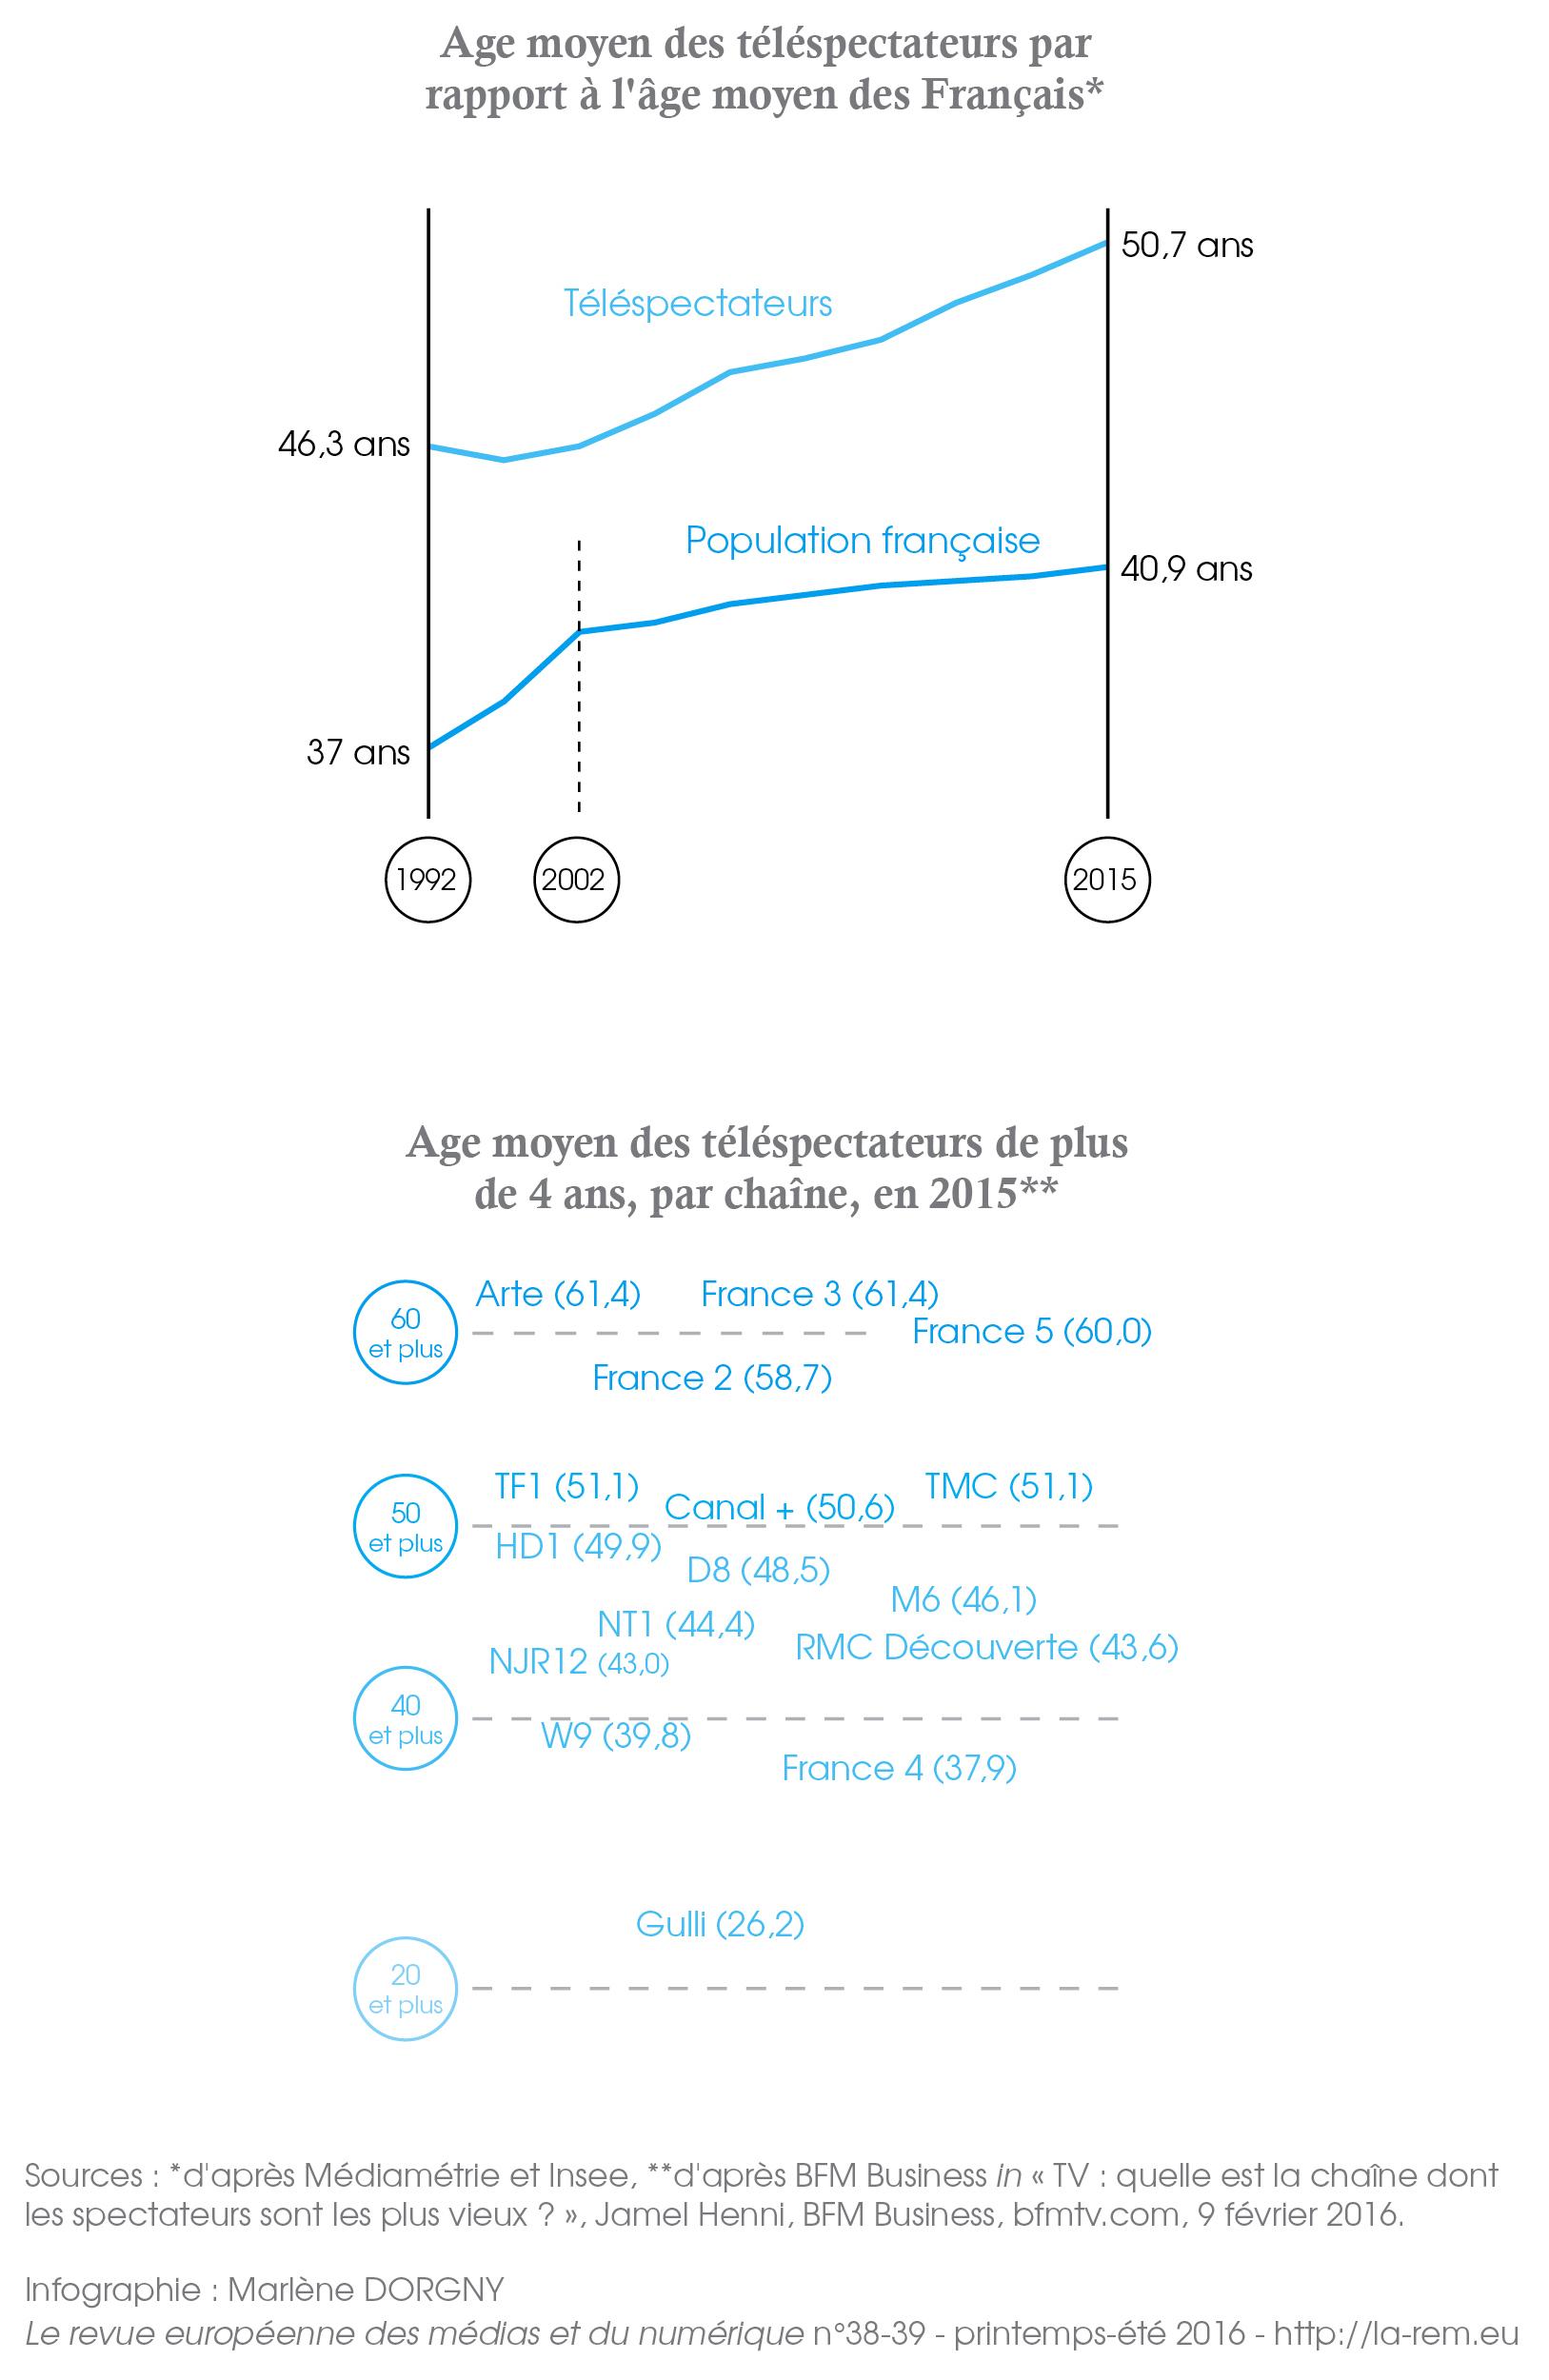 Sources : *d'après Médiamétrie et Insee, **d'après BFM Business in « TV : quelle est la chaîne dont les spectateurs sont les plus vieux ? », Jamel Henni, BFM Business, bfmtv.com, 9 février 2016. Infographie : MD